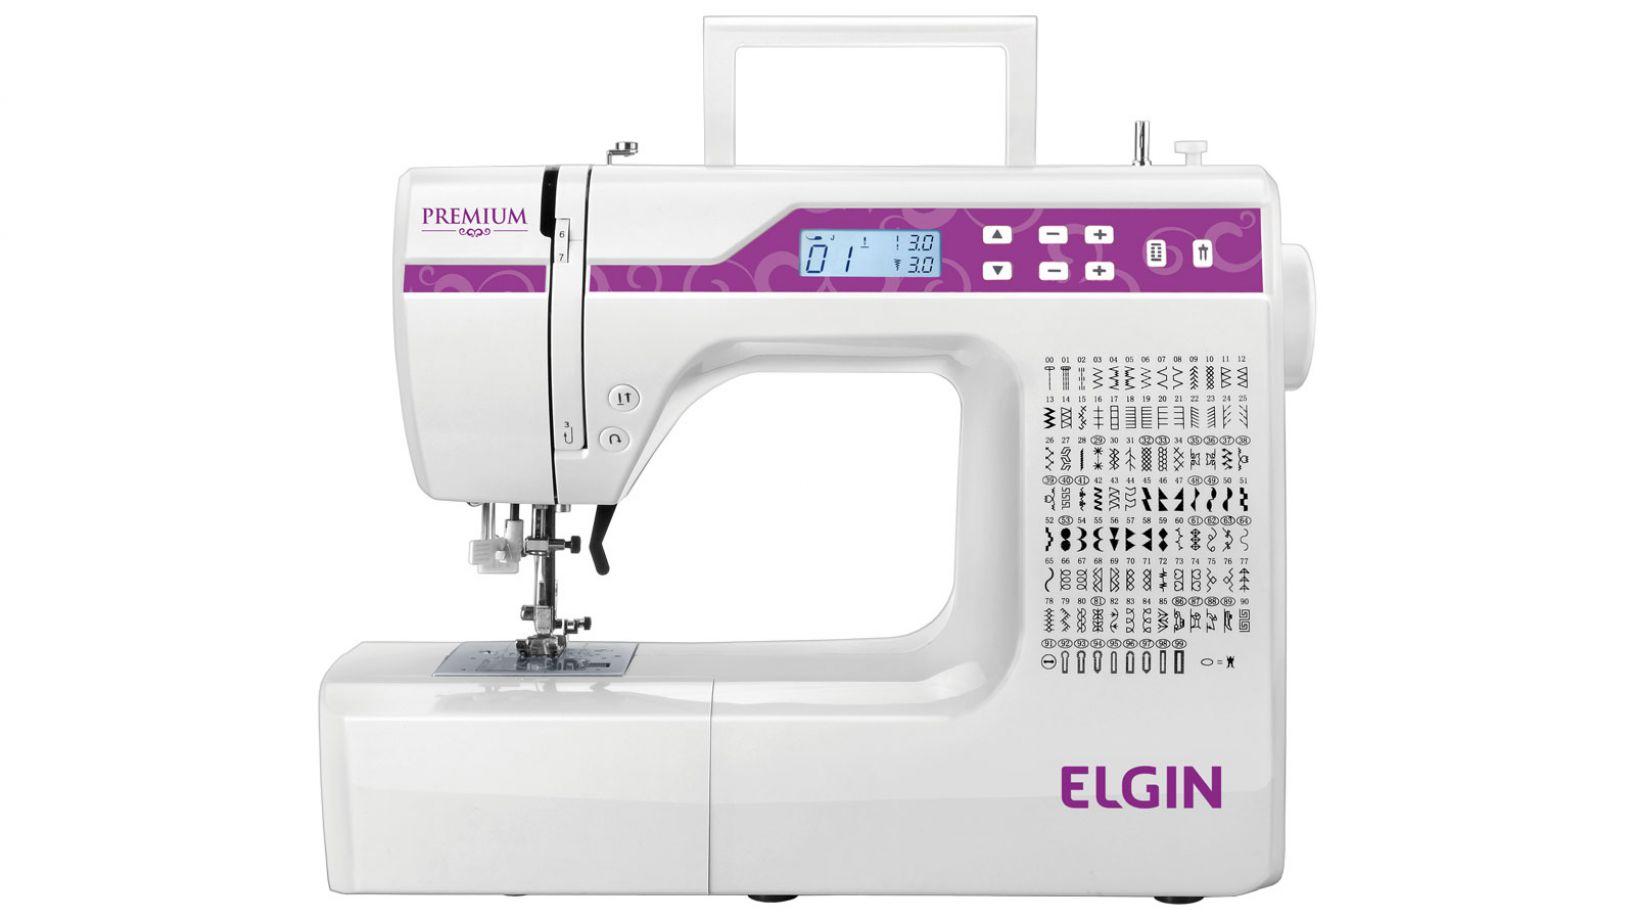 Máquina de Costura ELGIN PREMIUM JX10000 - Eletrônica com 100 Pontos